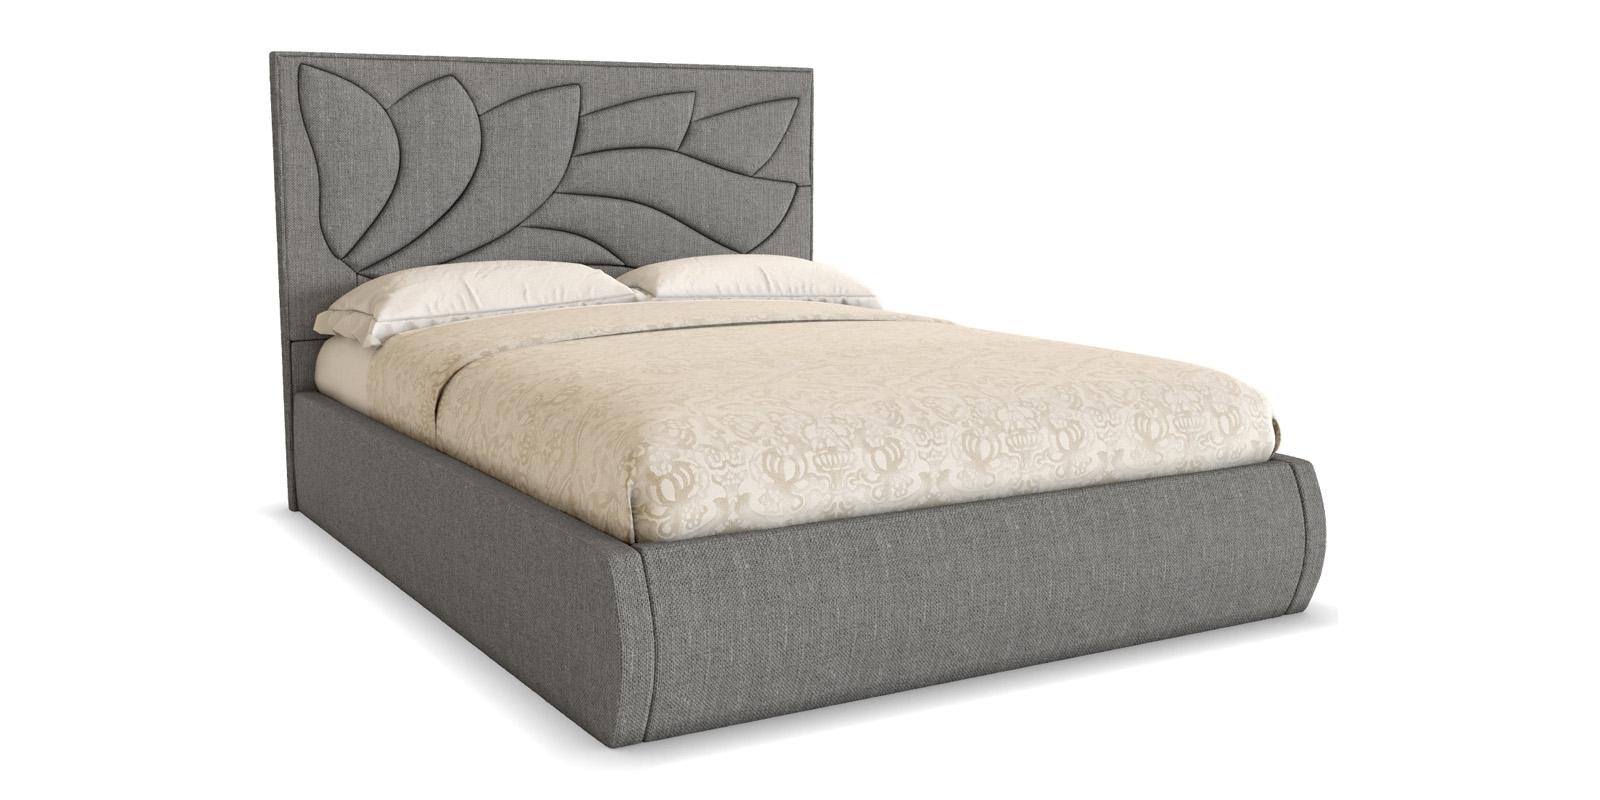 Мягкая кровать 200х180 Диона с подъемным механизмом (серый)